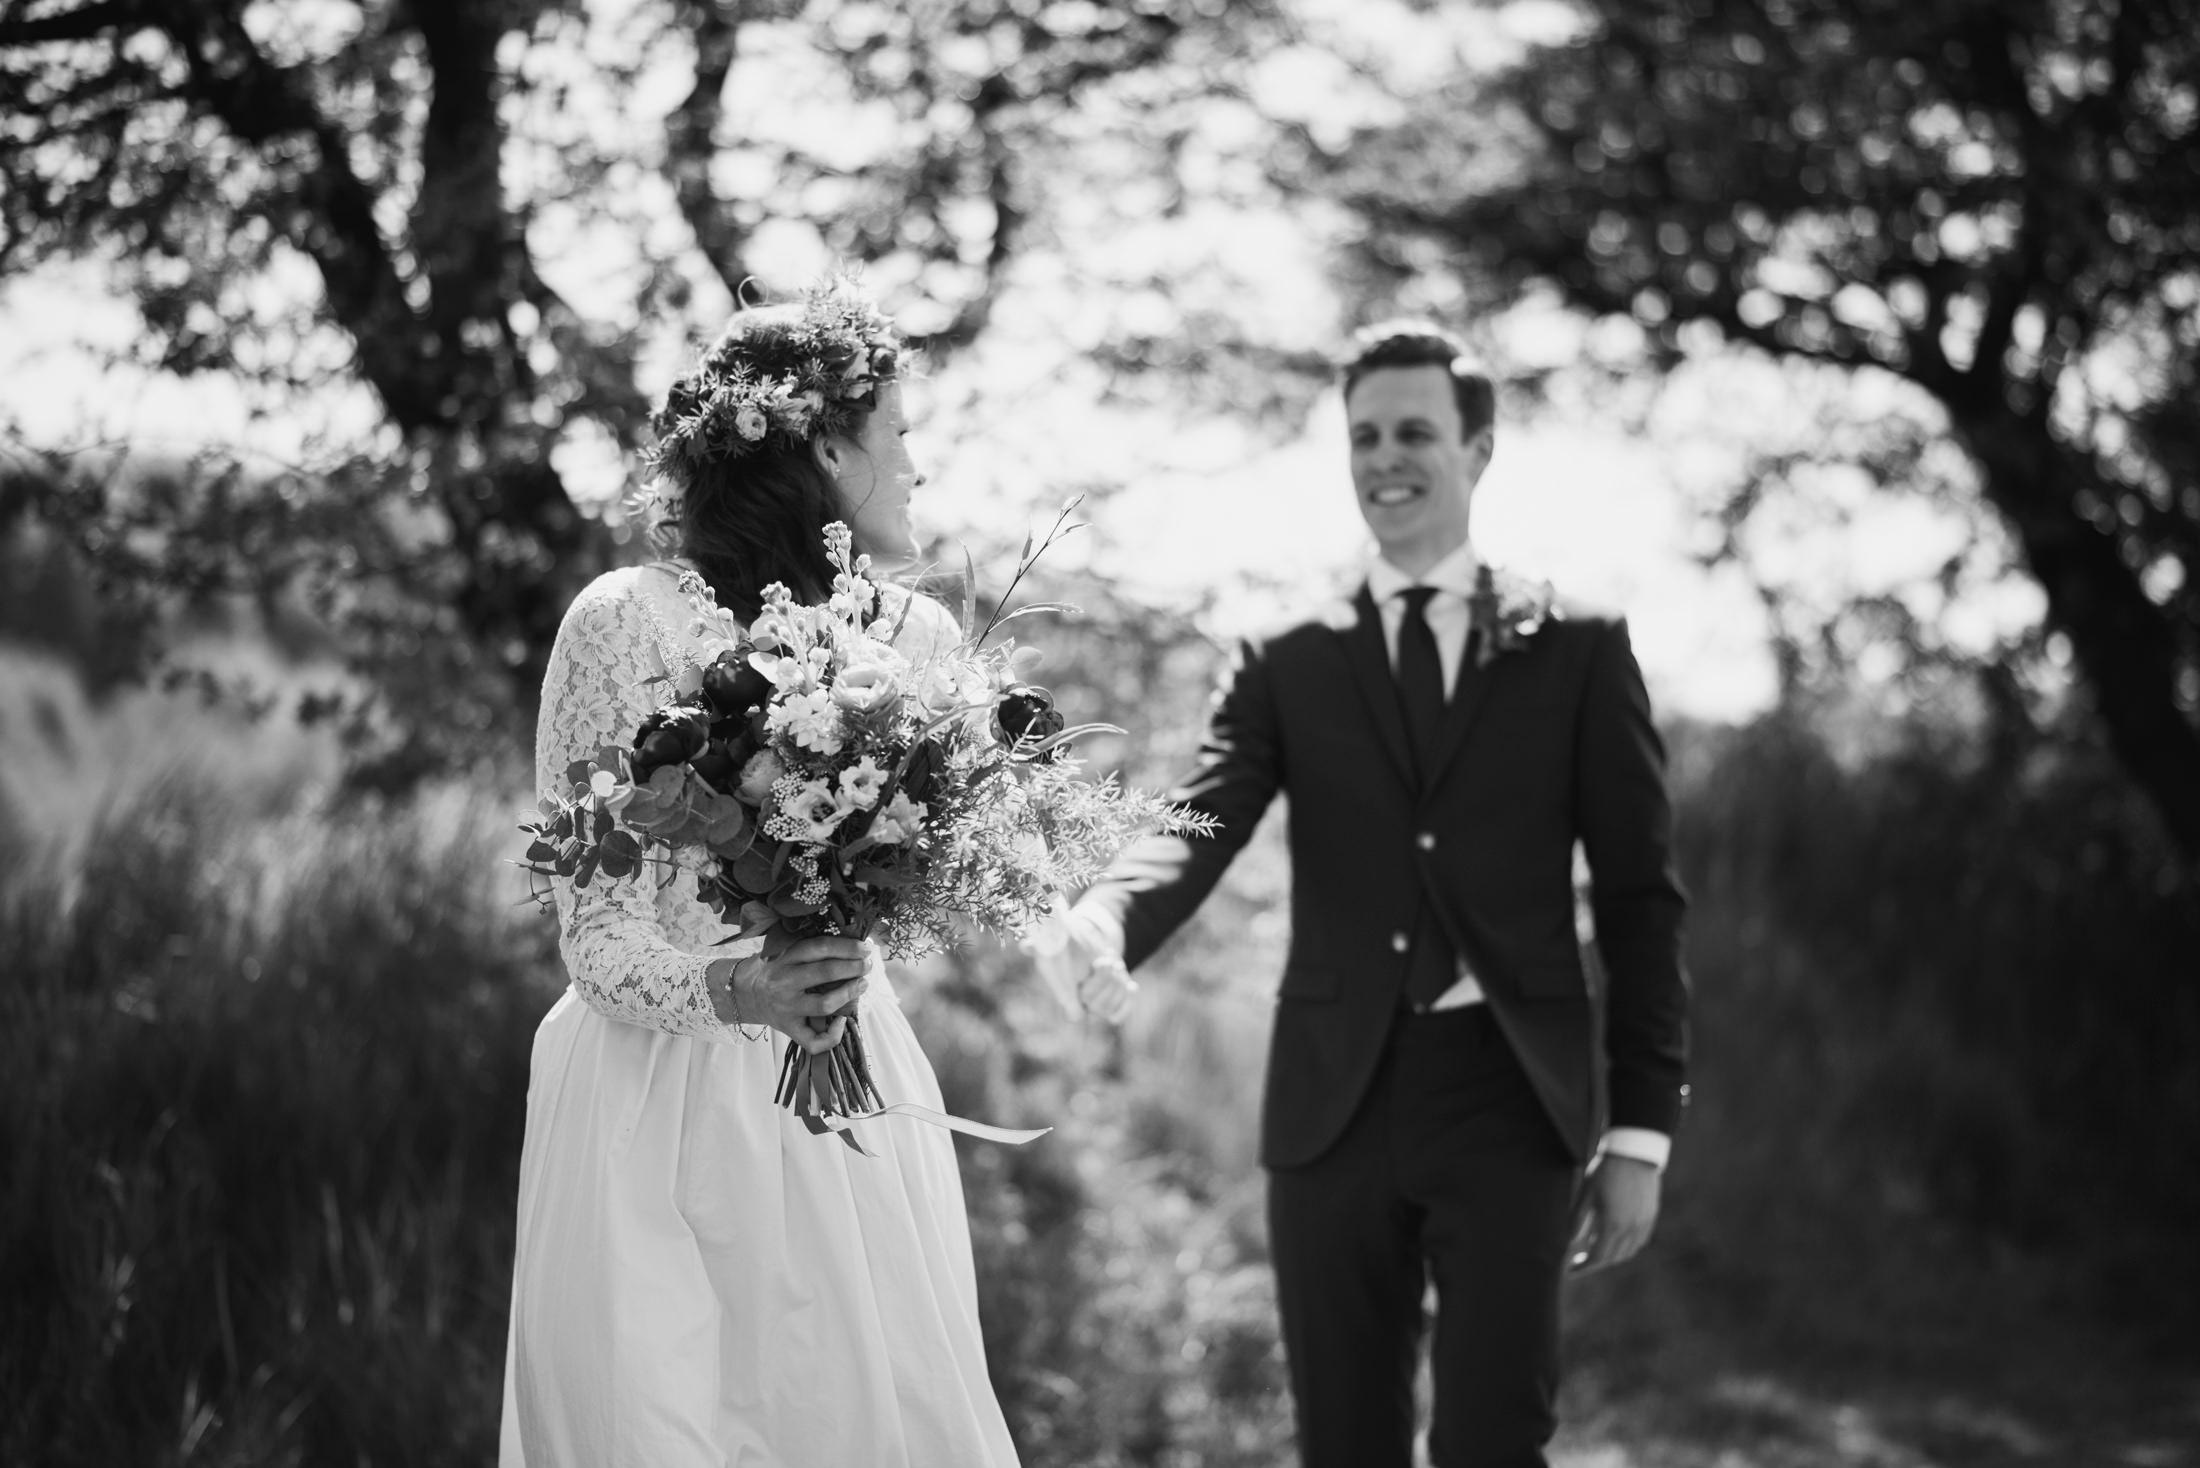 Bröllop på Ulricedahlgsården i Malmö, Skåne